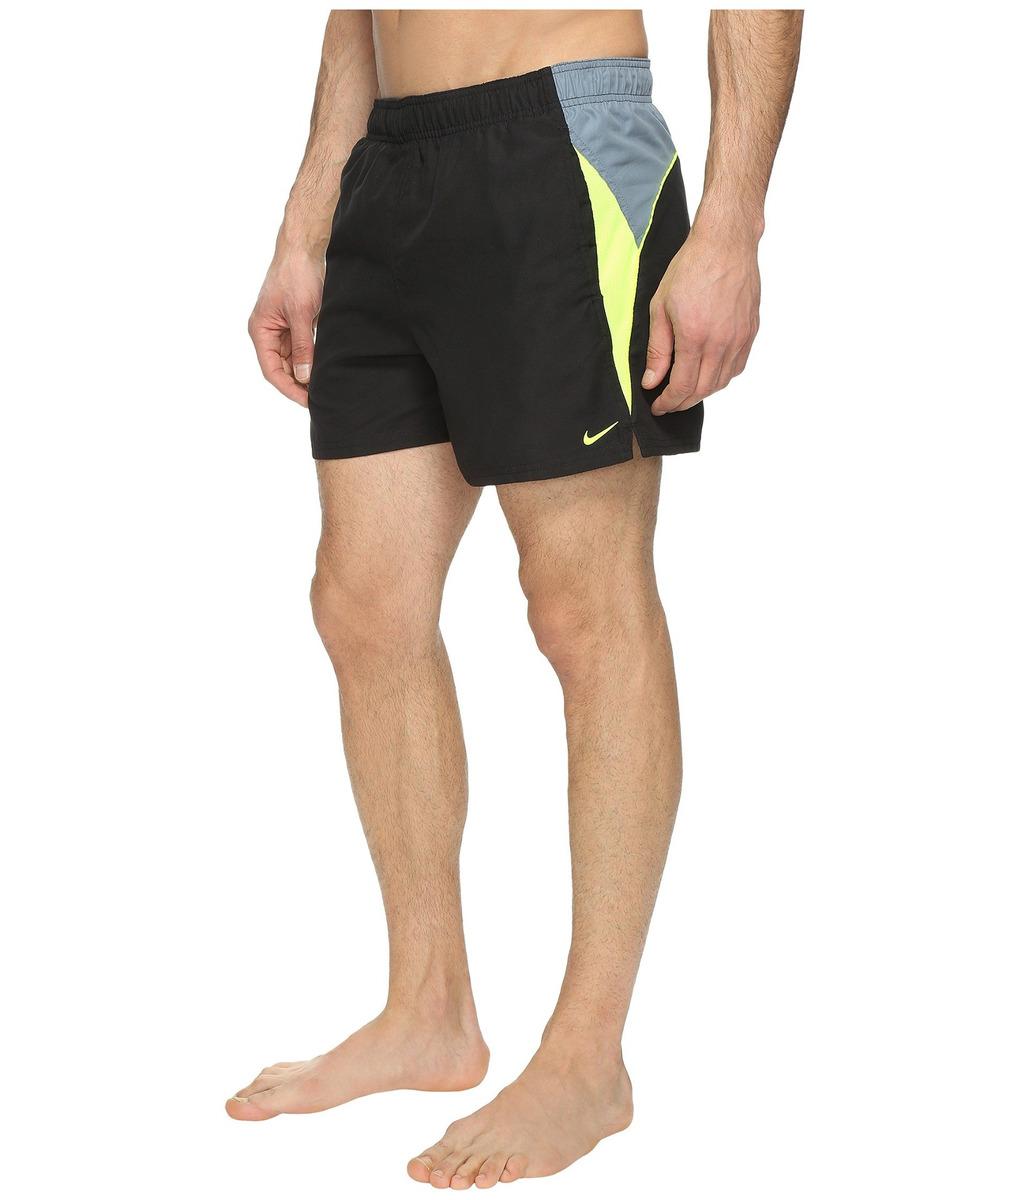 69d8d146b Ropa De Baño Hombre Nike Swift 4 Volley Shorts - S/ 209,00 en ...